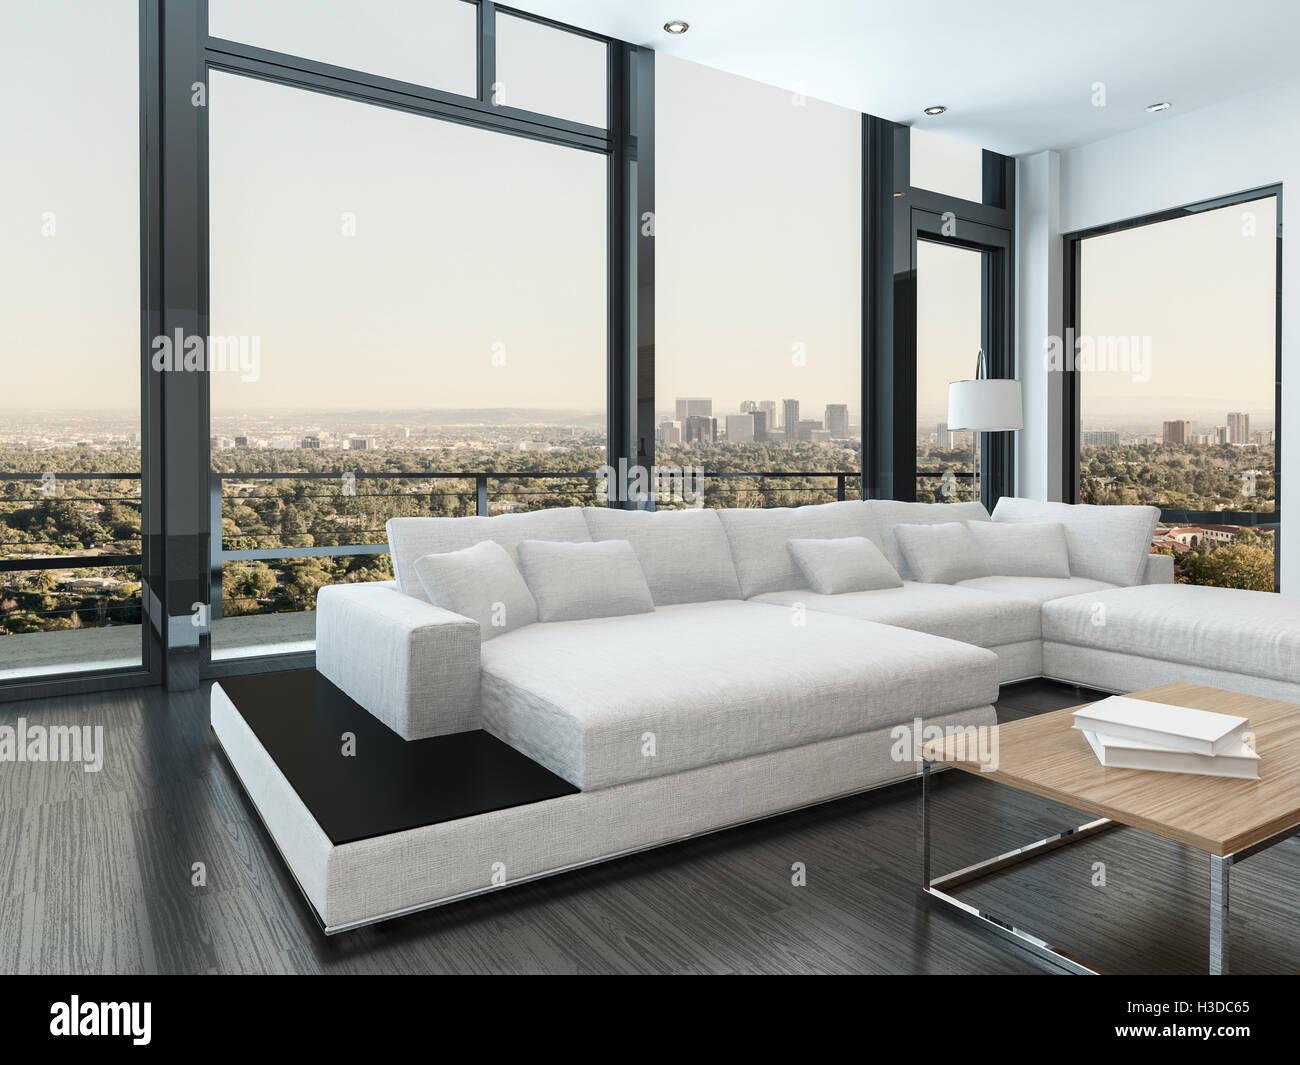 Moderne Fußboden Wohnzimmer ~ Große komfortable weiße moderne modulare lounge suite in einem